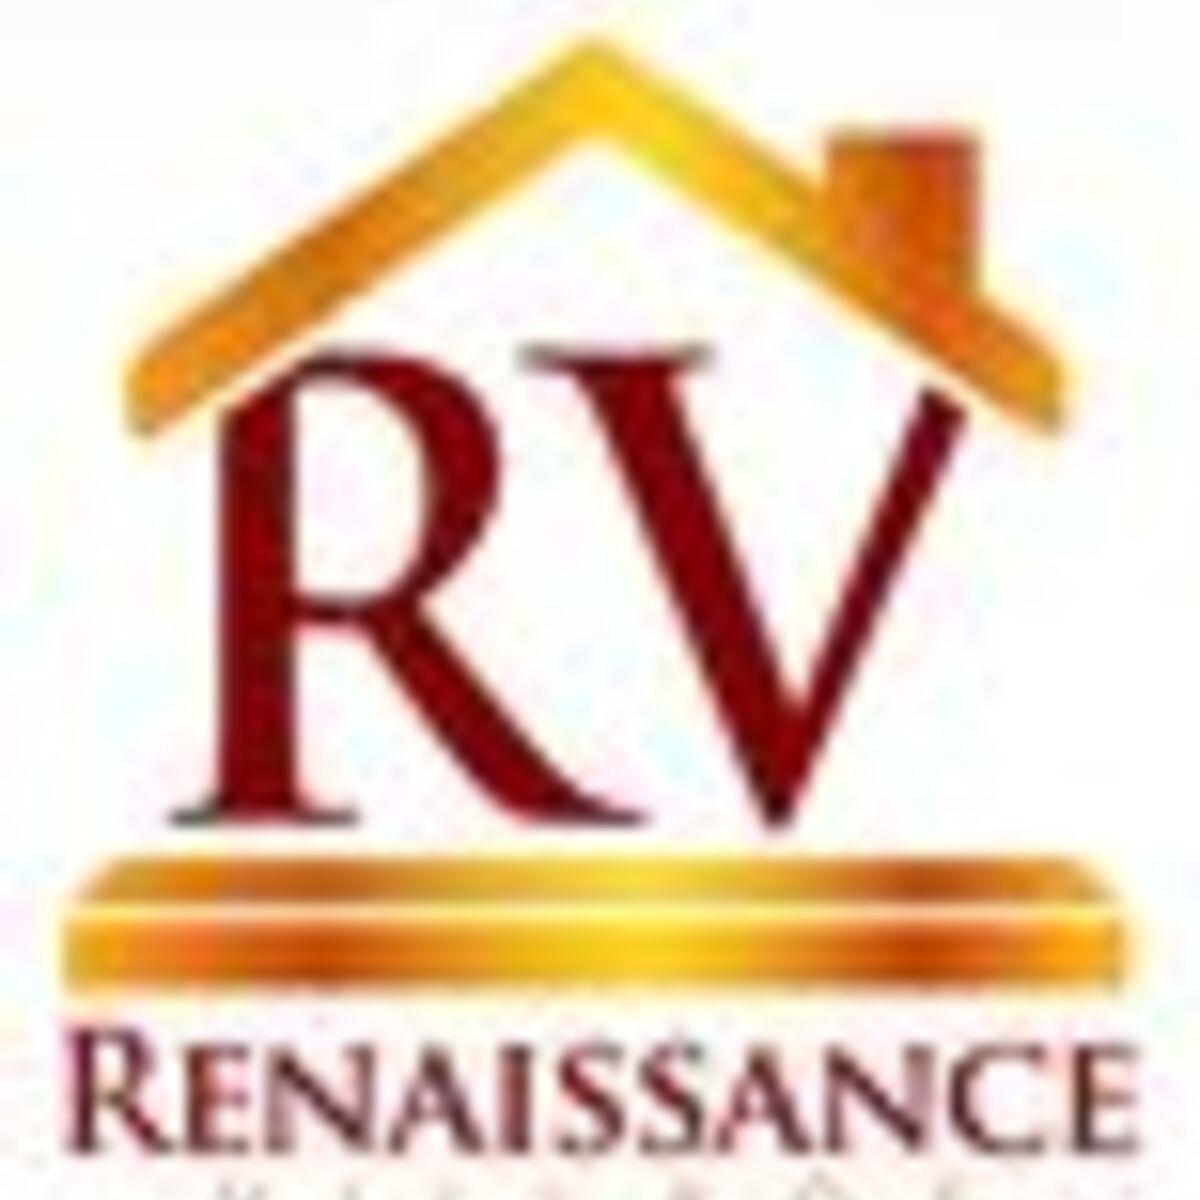 Renaissance Village | Detroit Apartments and Townhomes